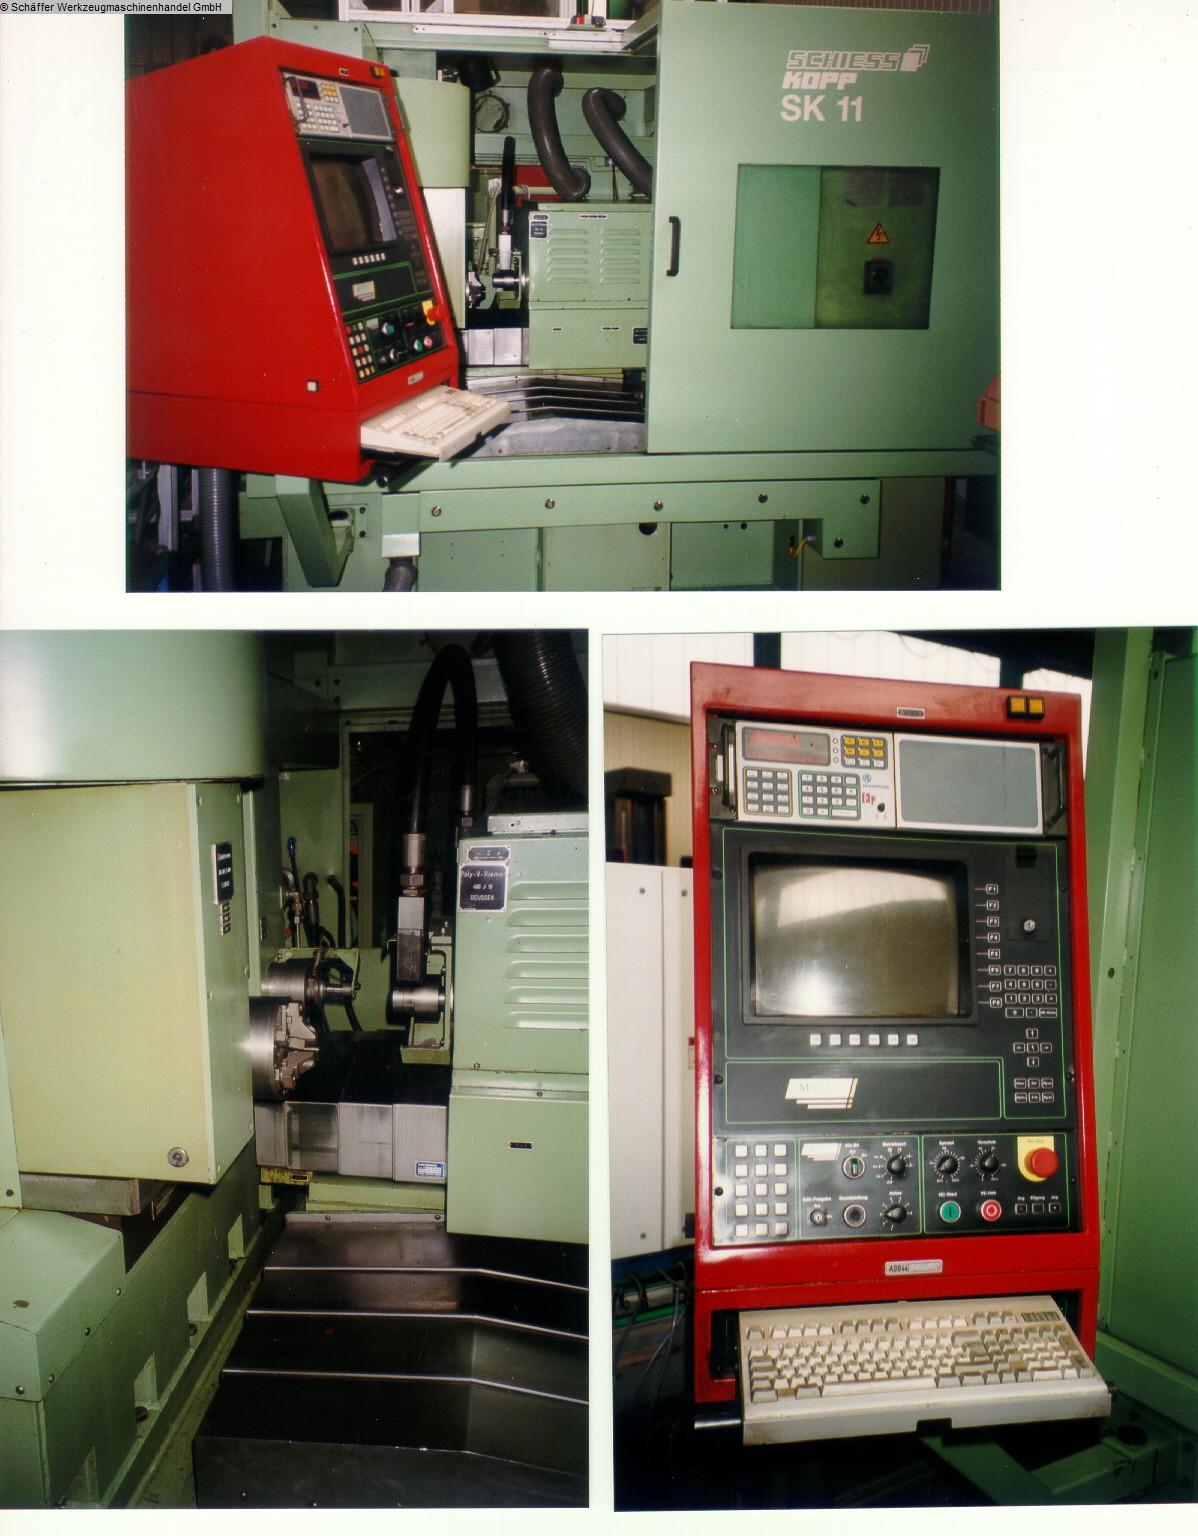 gebrauchte Schleifmaschinen Kurvenschleifmaschine SCHIESS-KOPP SK 11